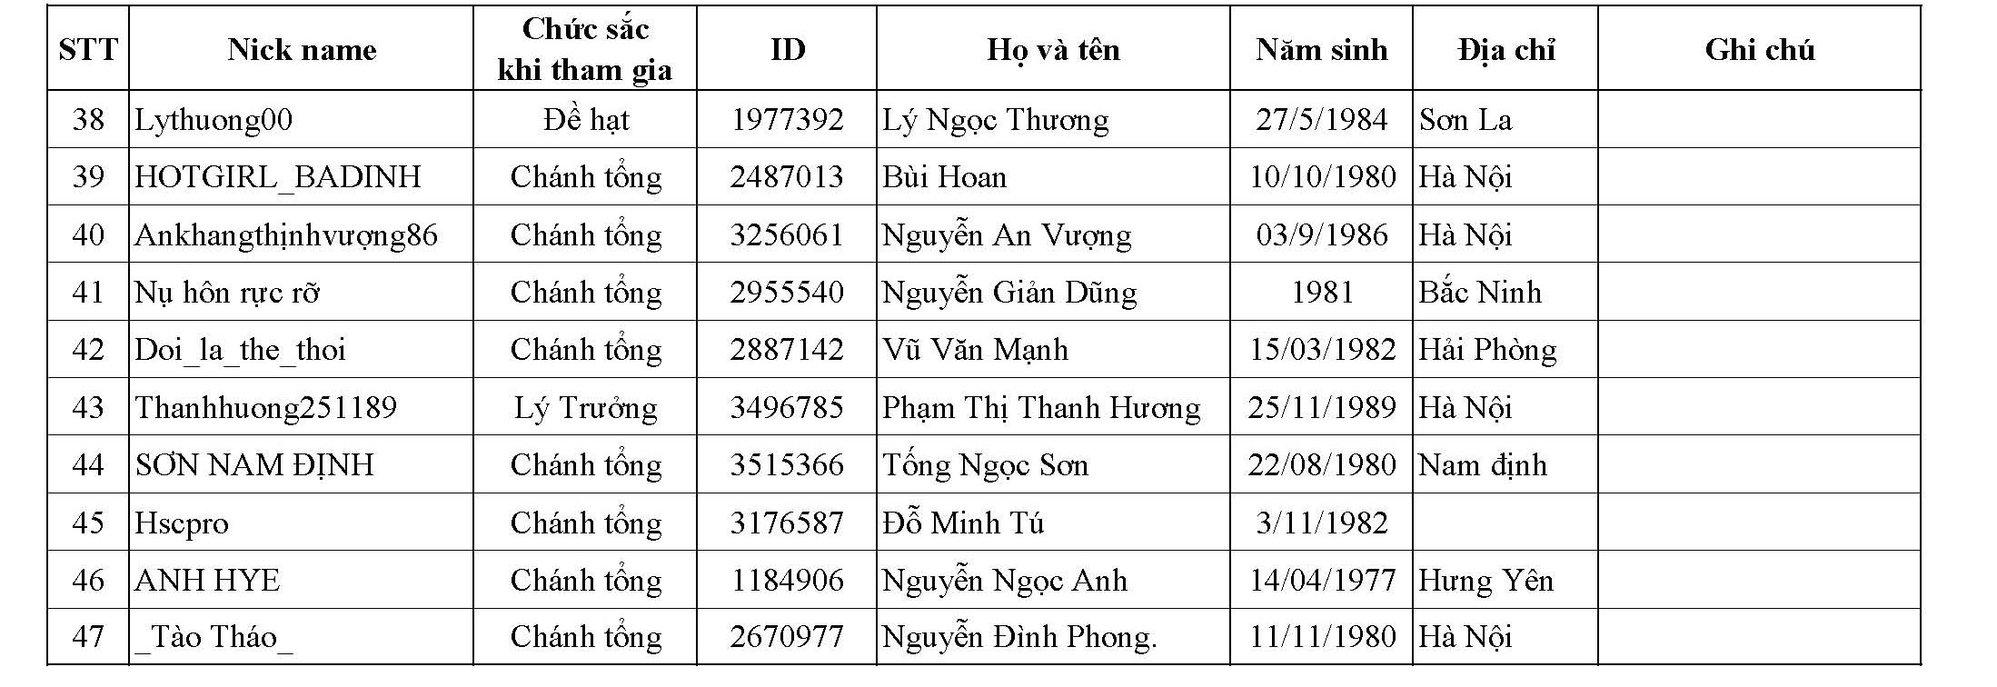 Danh sách thành viên CHLT 01012016_Page_3.